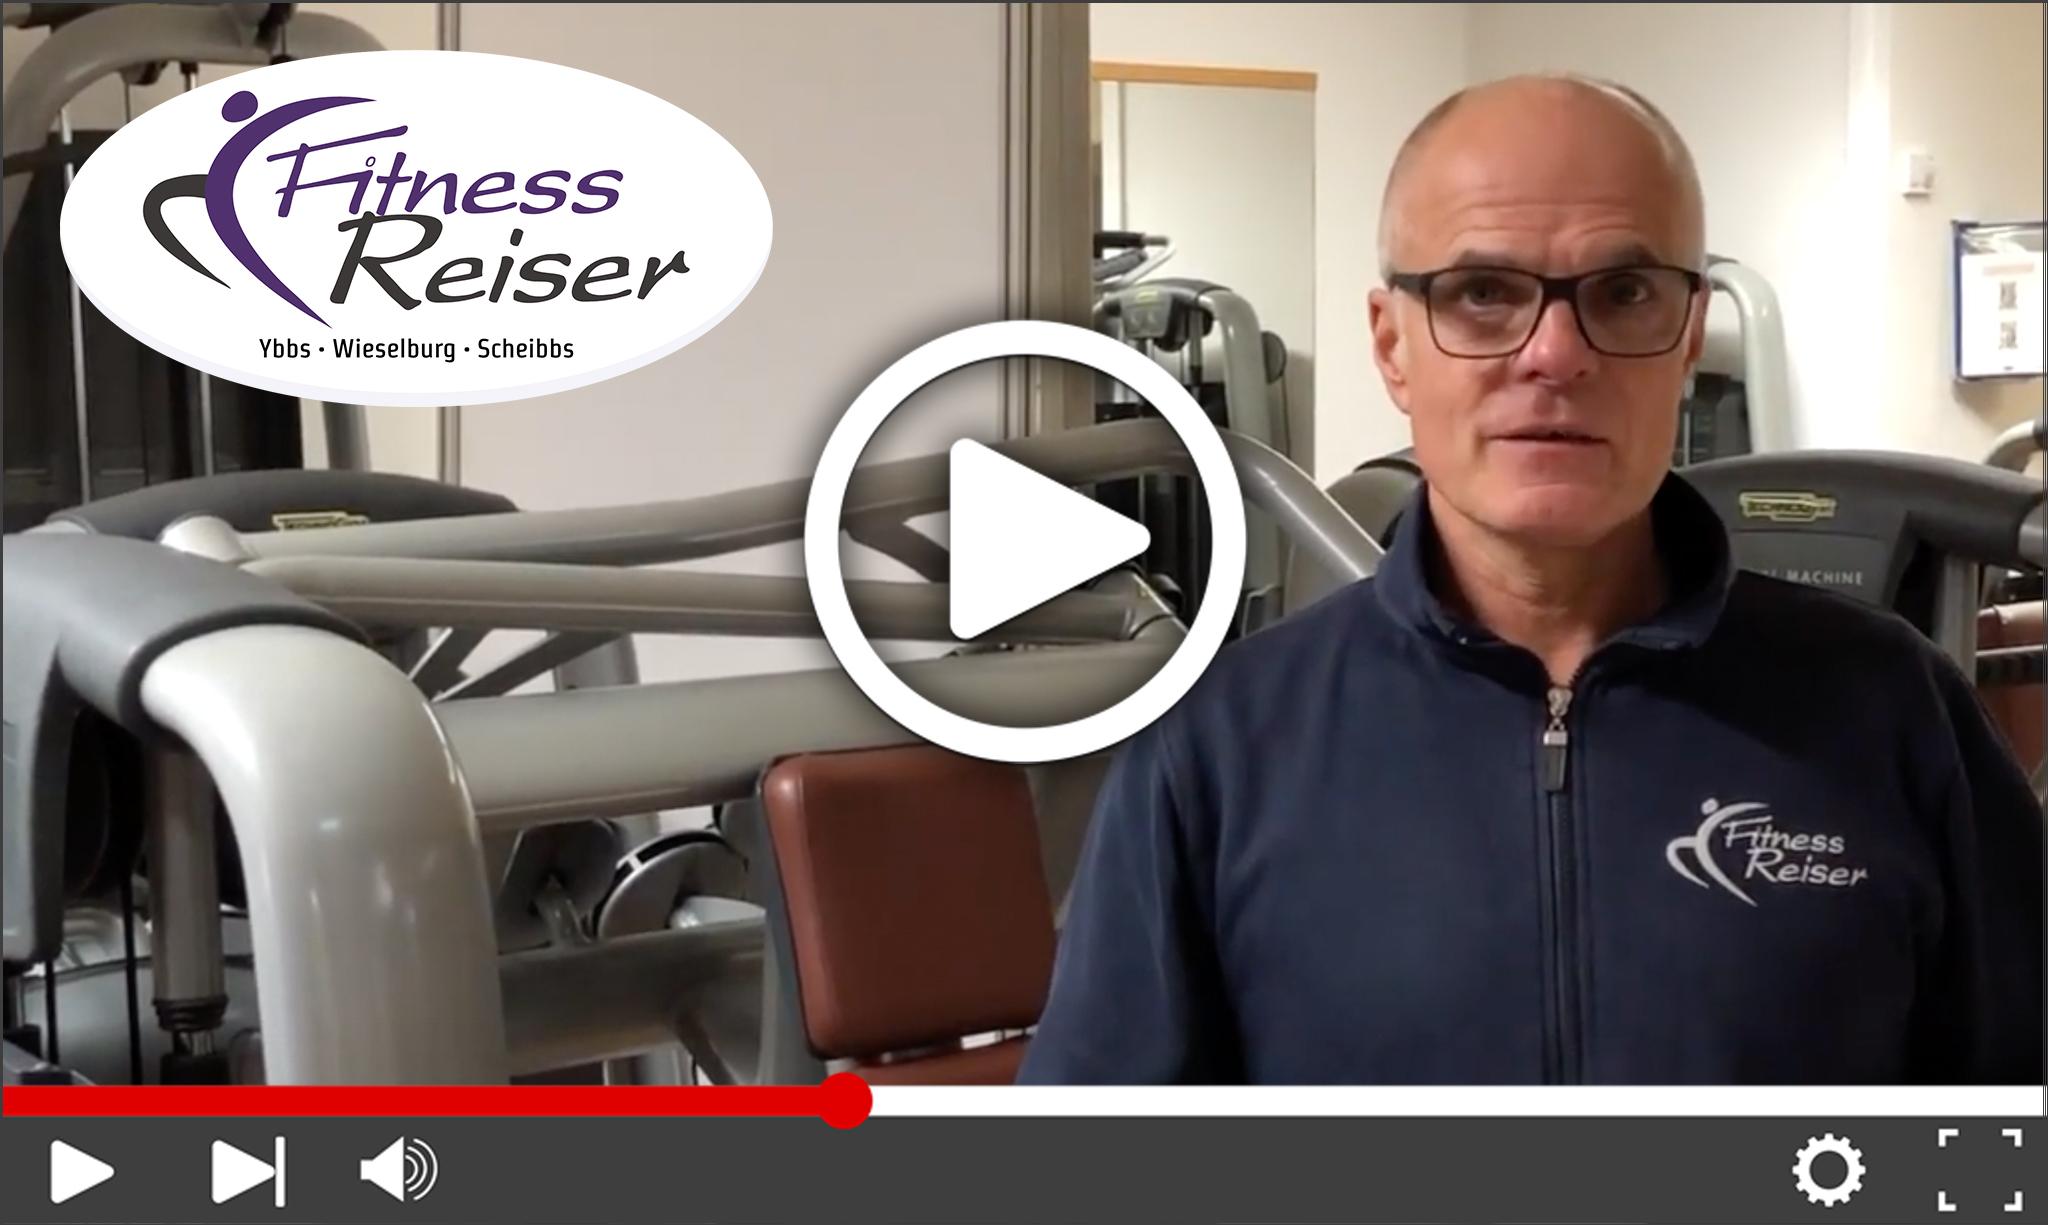 Videobotschaft von Franz Reiser - Fitness Reiser